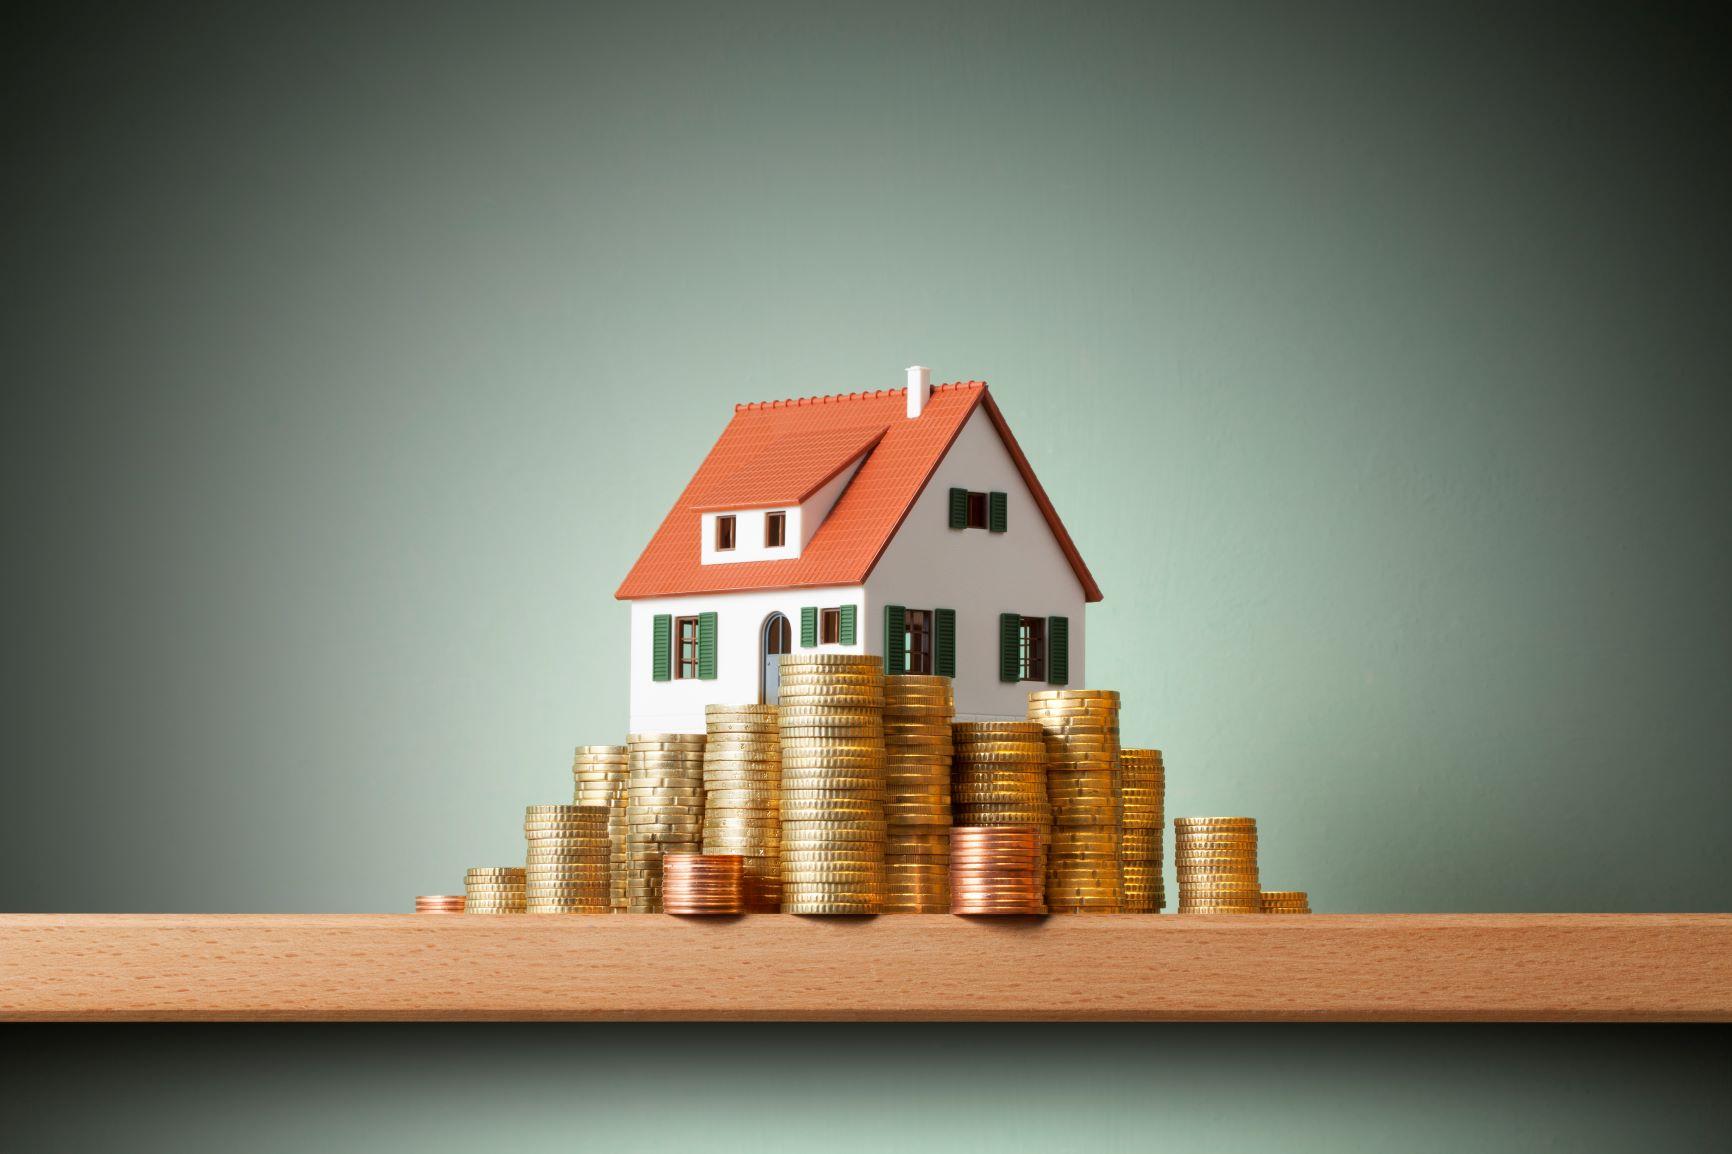 Prijs spouwmuurisolatie: kosten per m2 en subsidies